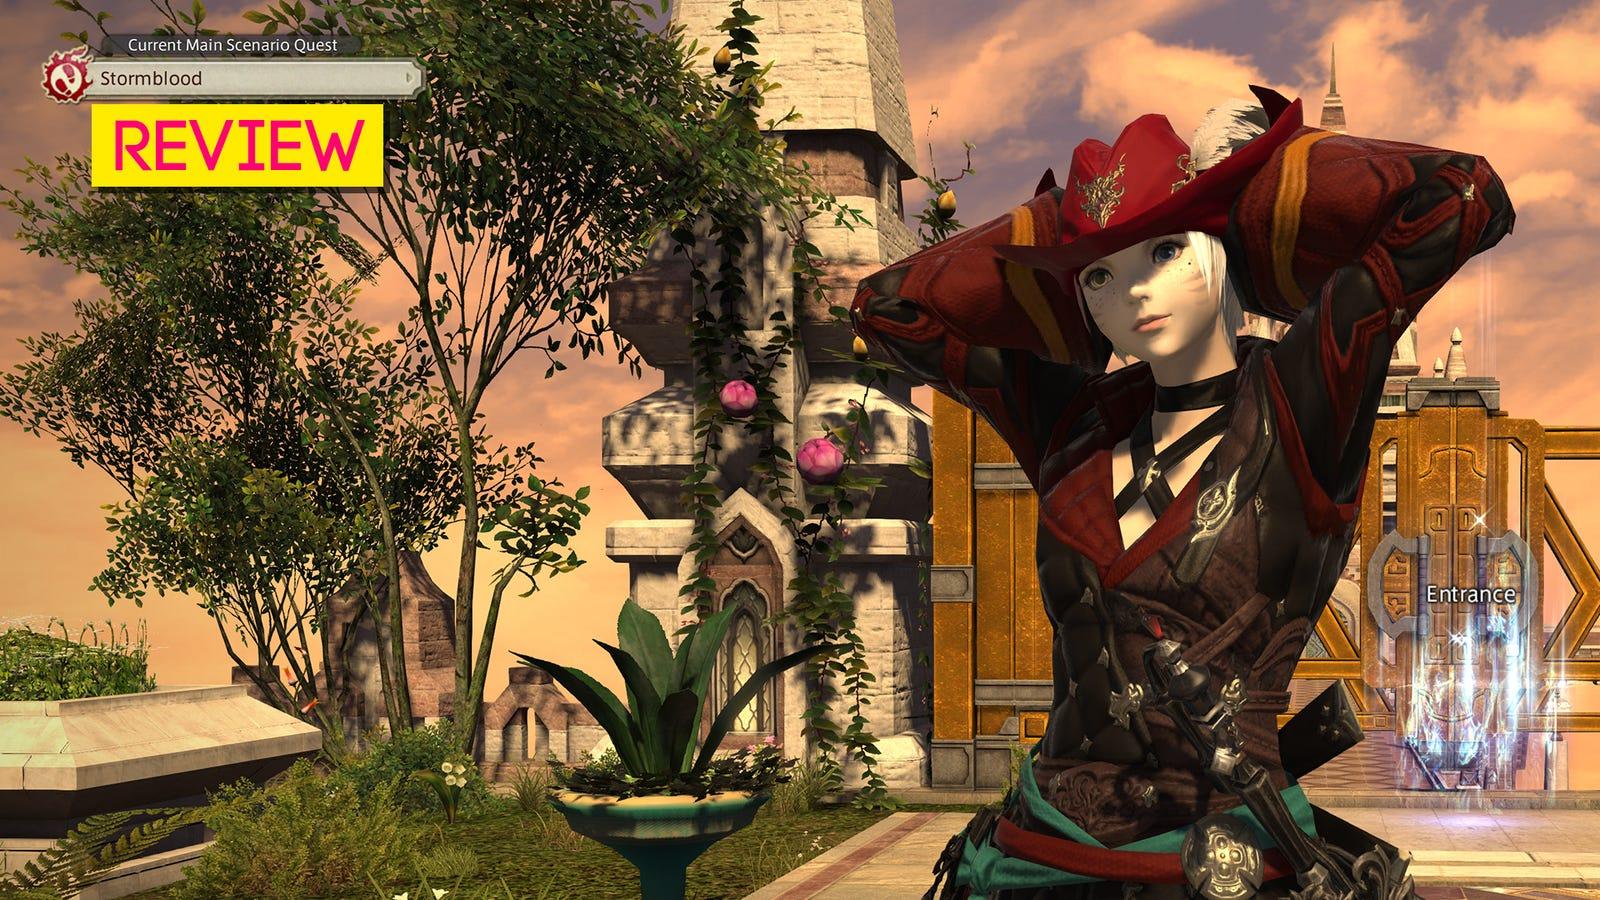 Final Fantasy XIV Stormblood: The Kotaku Review